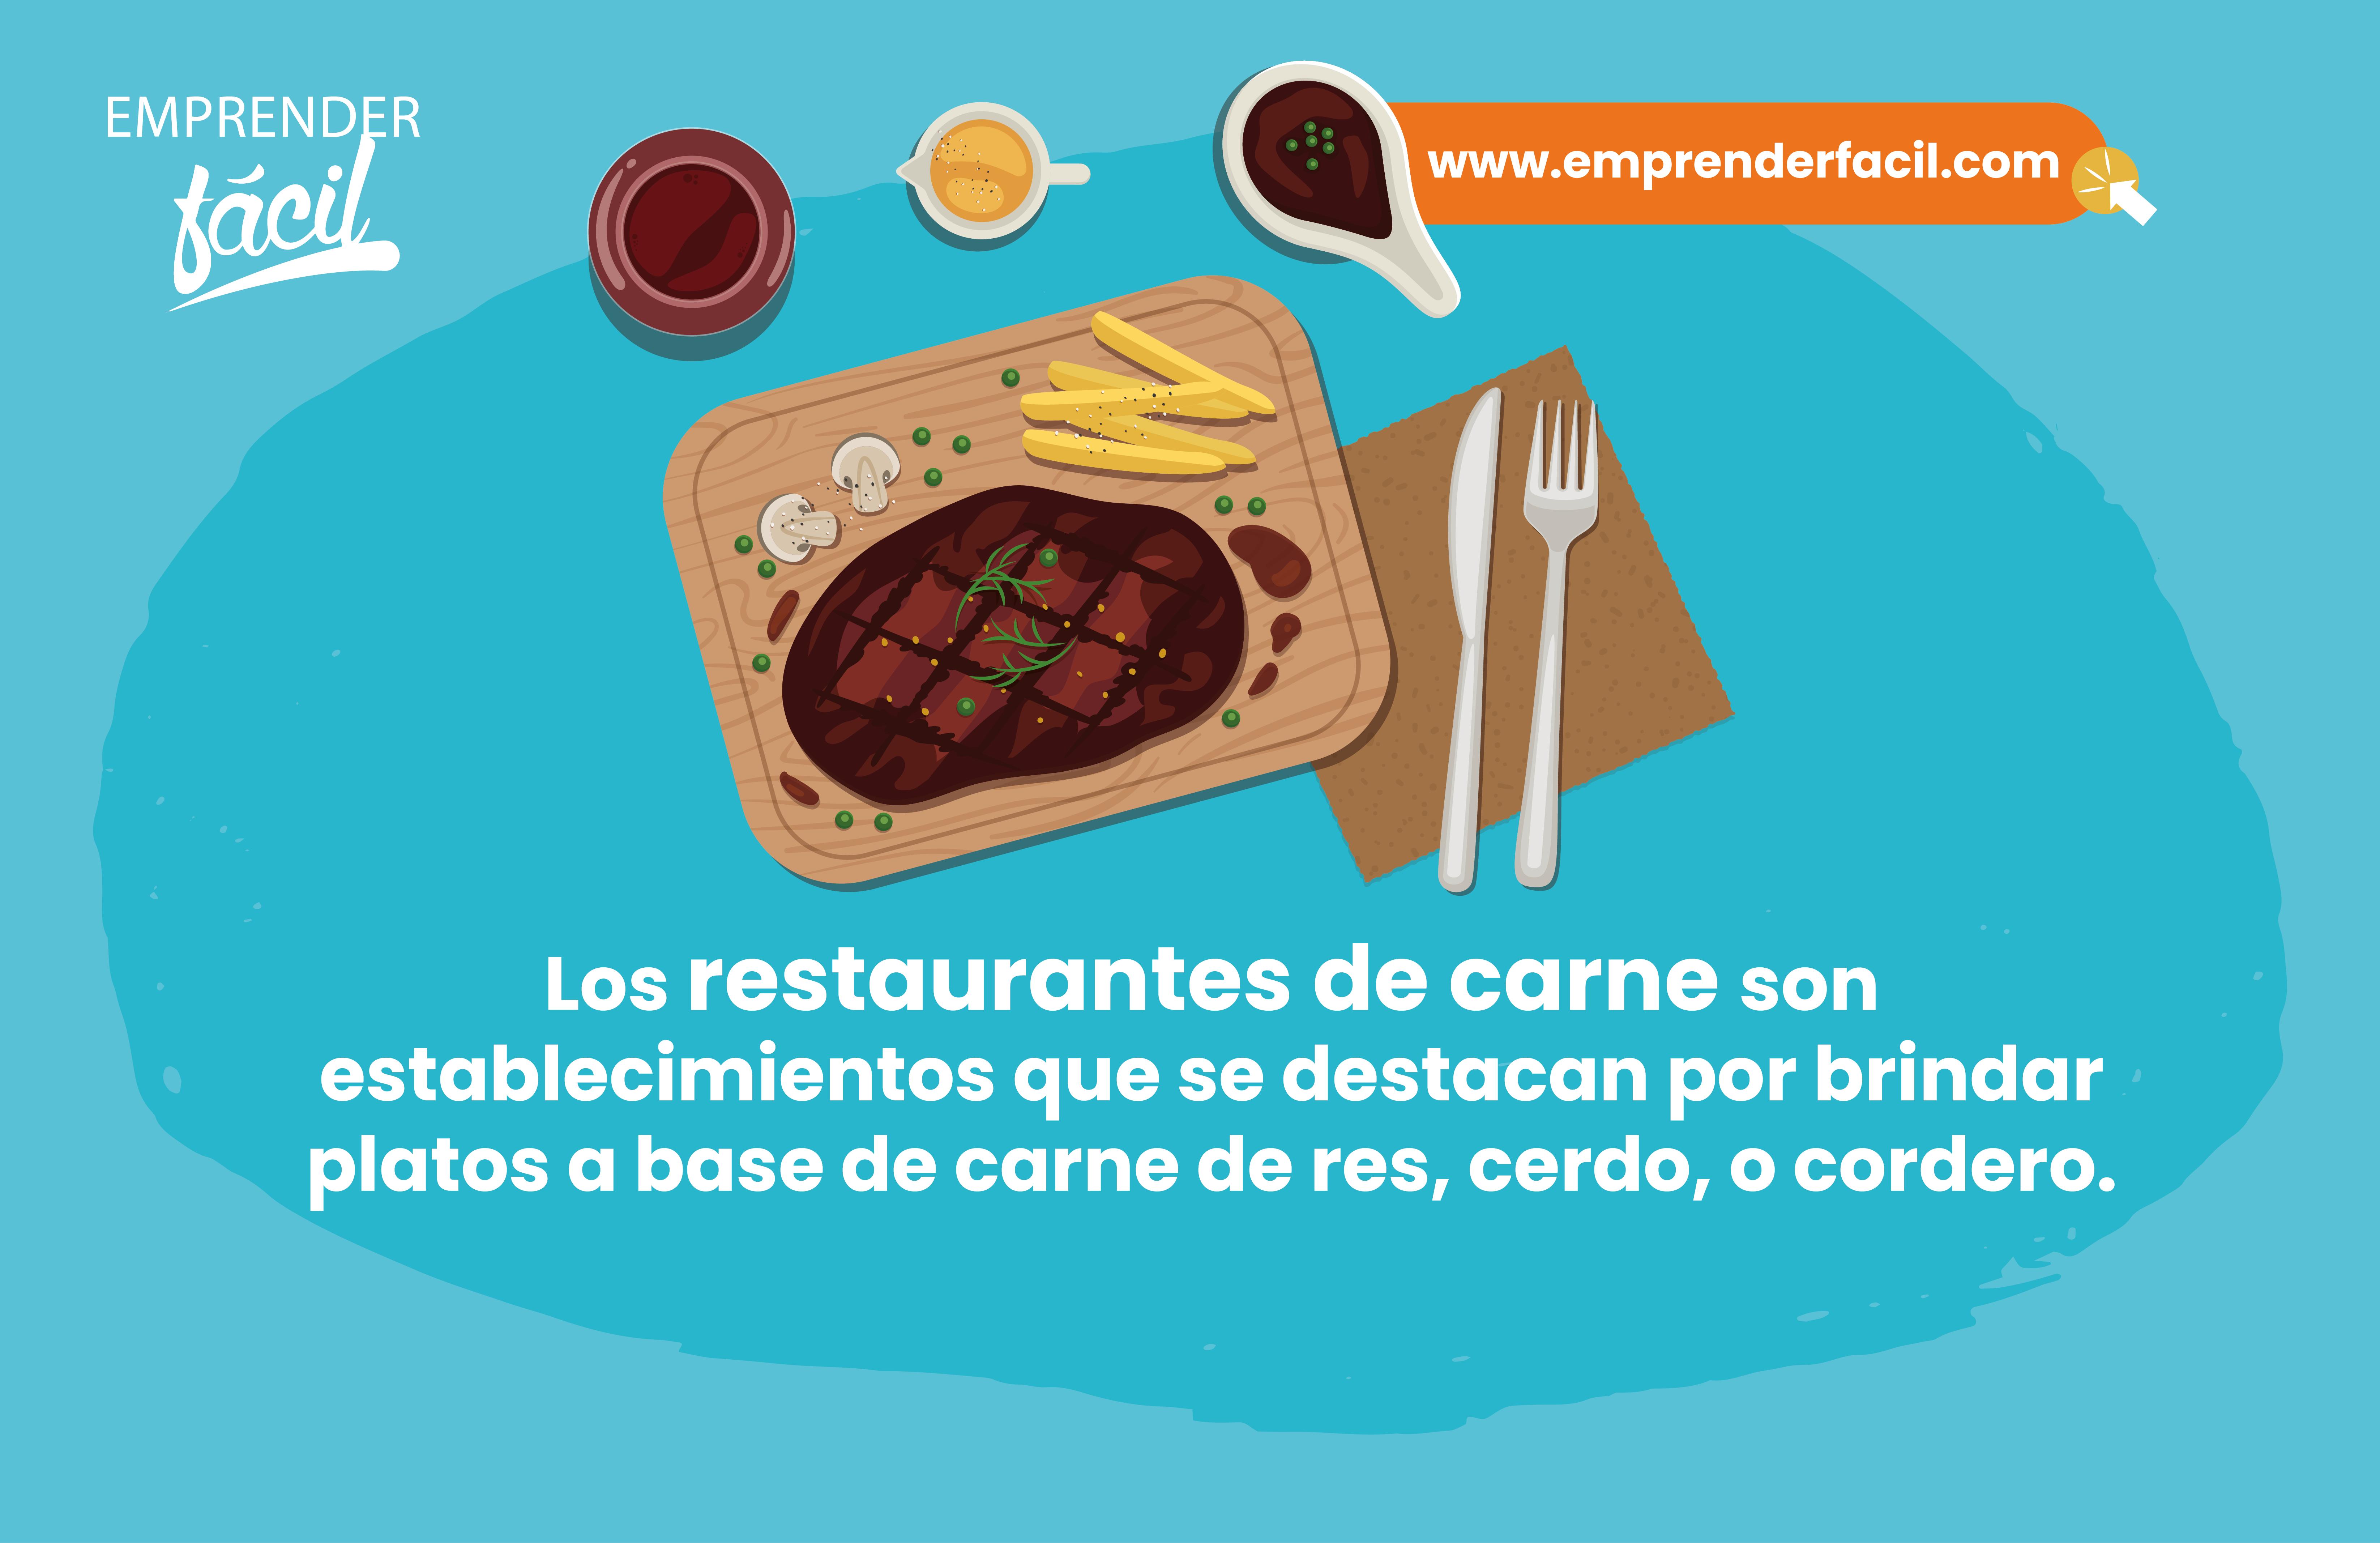 Nombres para Restaurantes de Carne ¡Escoge uno memorable!